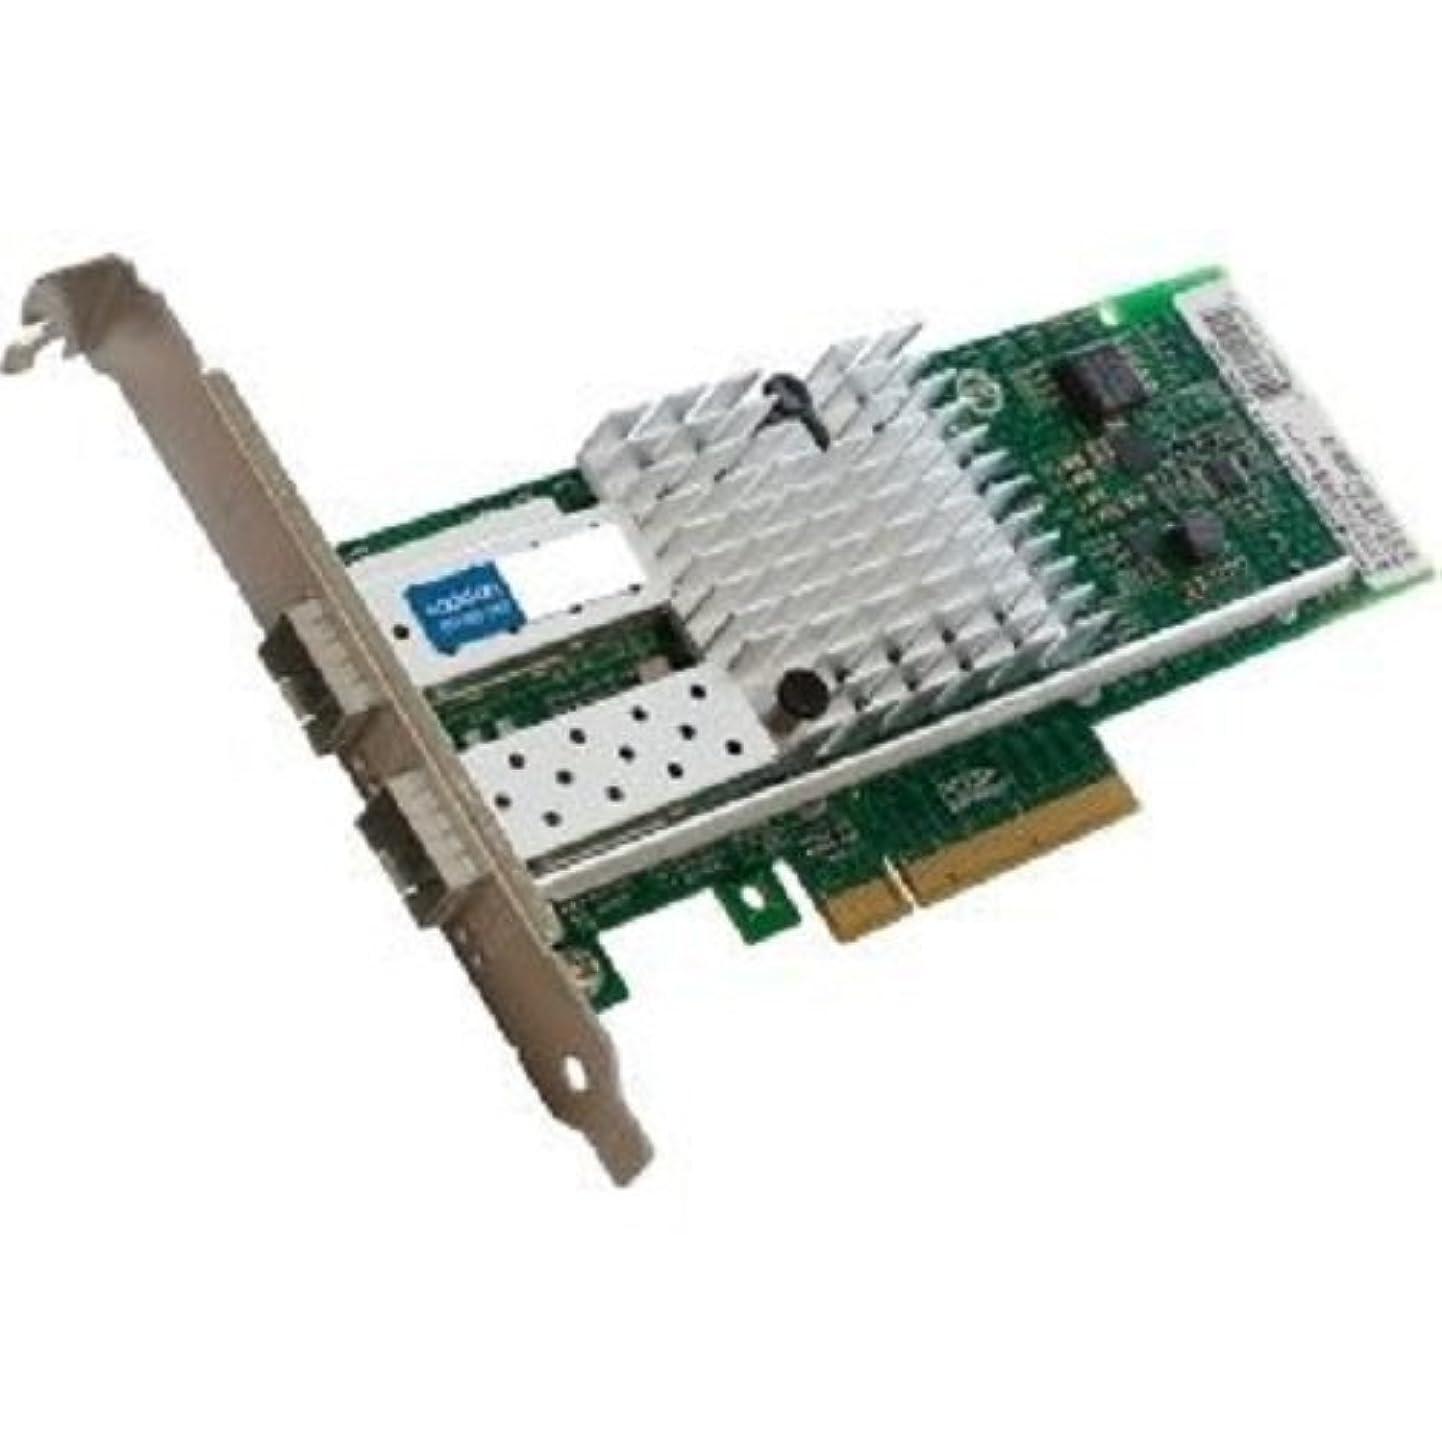 クロス水分付けるaddoncomputer. Com 10ギガビットイーサネットNIC W / 2?Open SFP +スロットPCIe x8?( 665249-b21-aok ) -